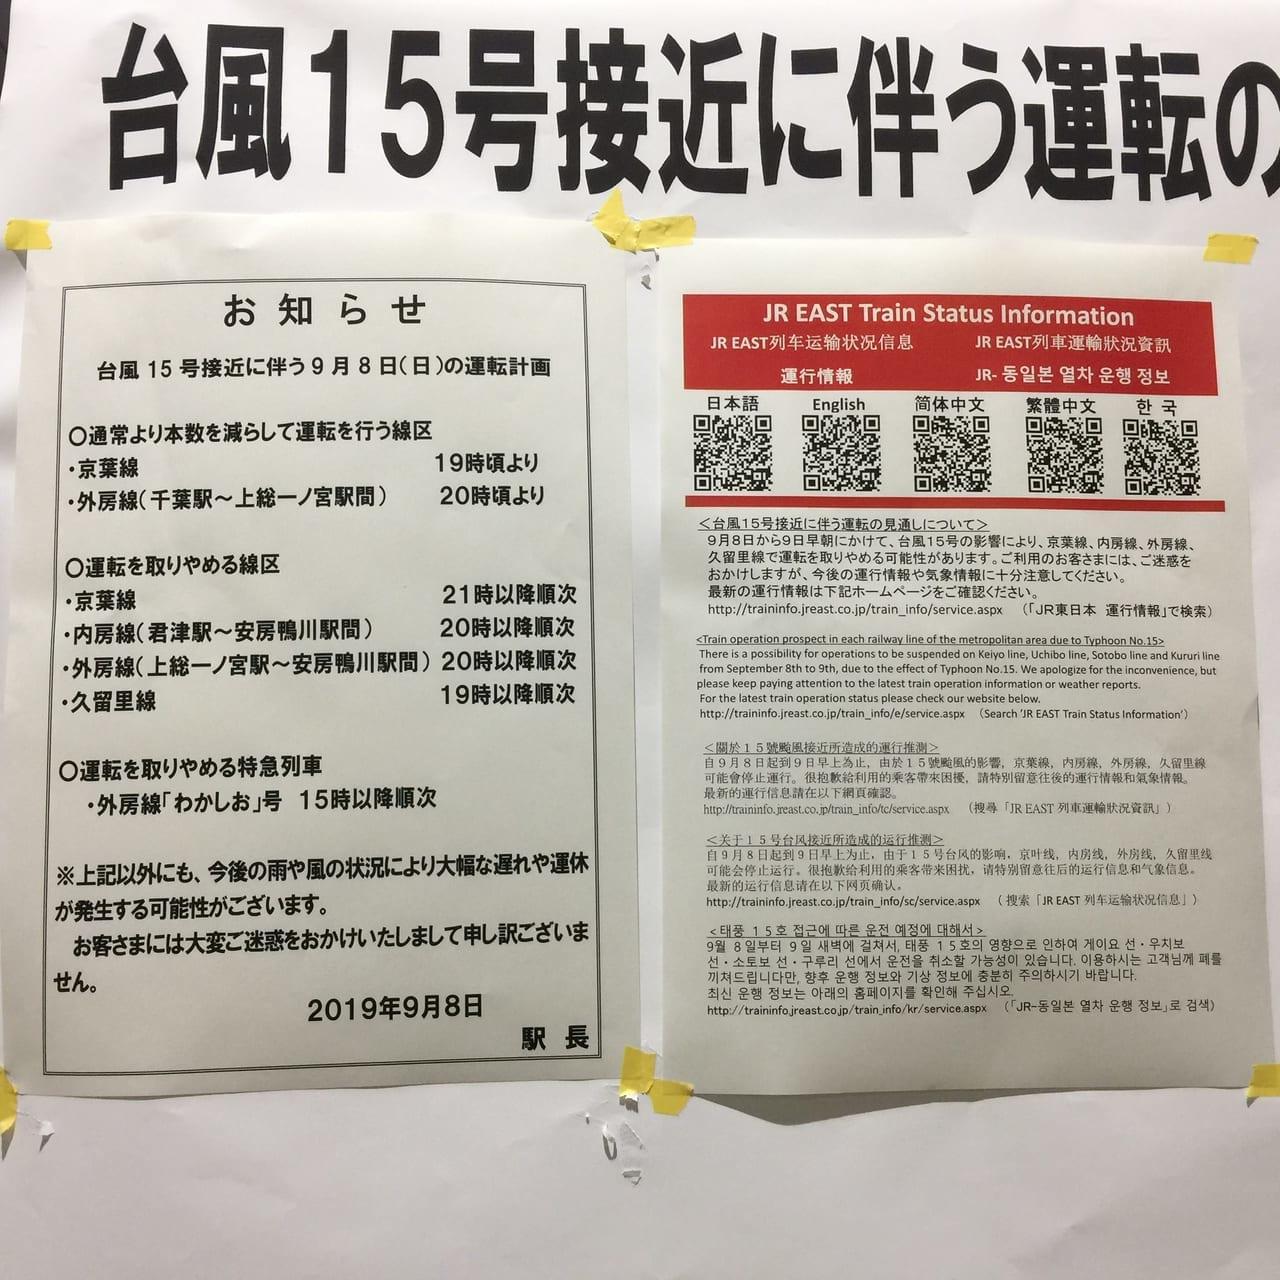 両国駅の台風張り紙2